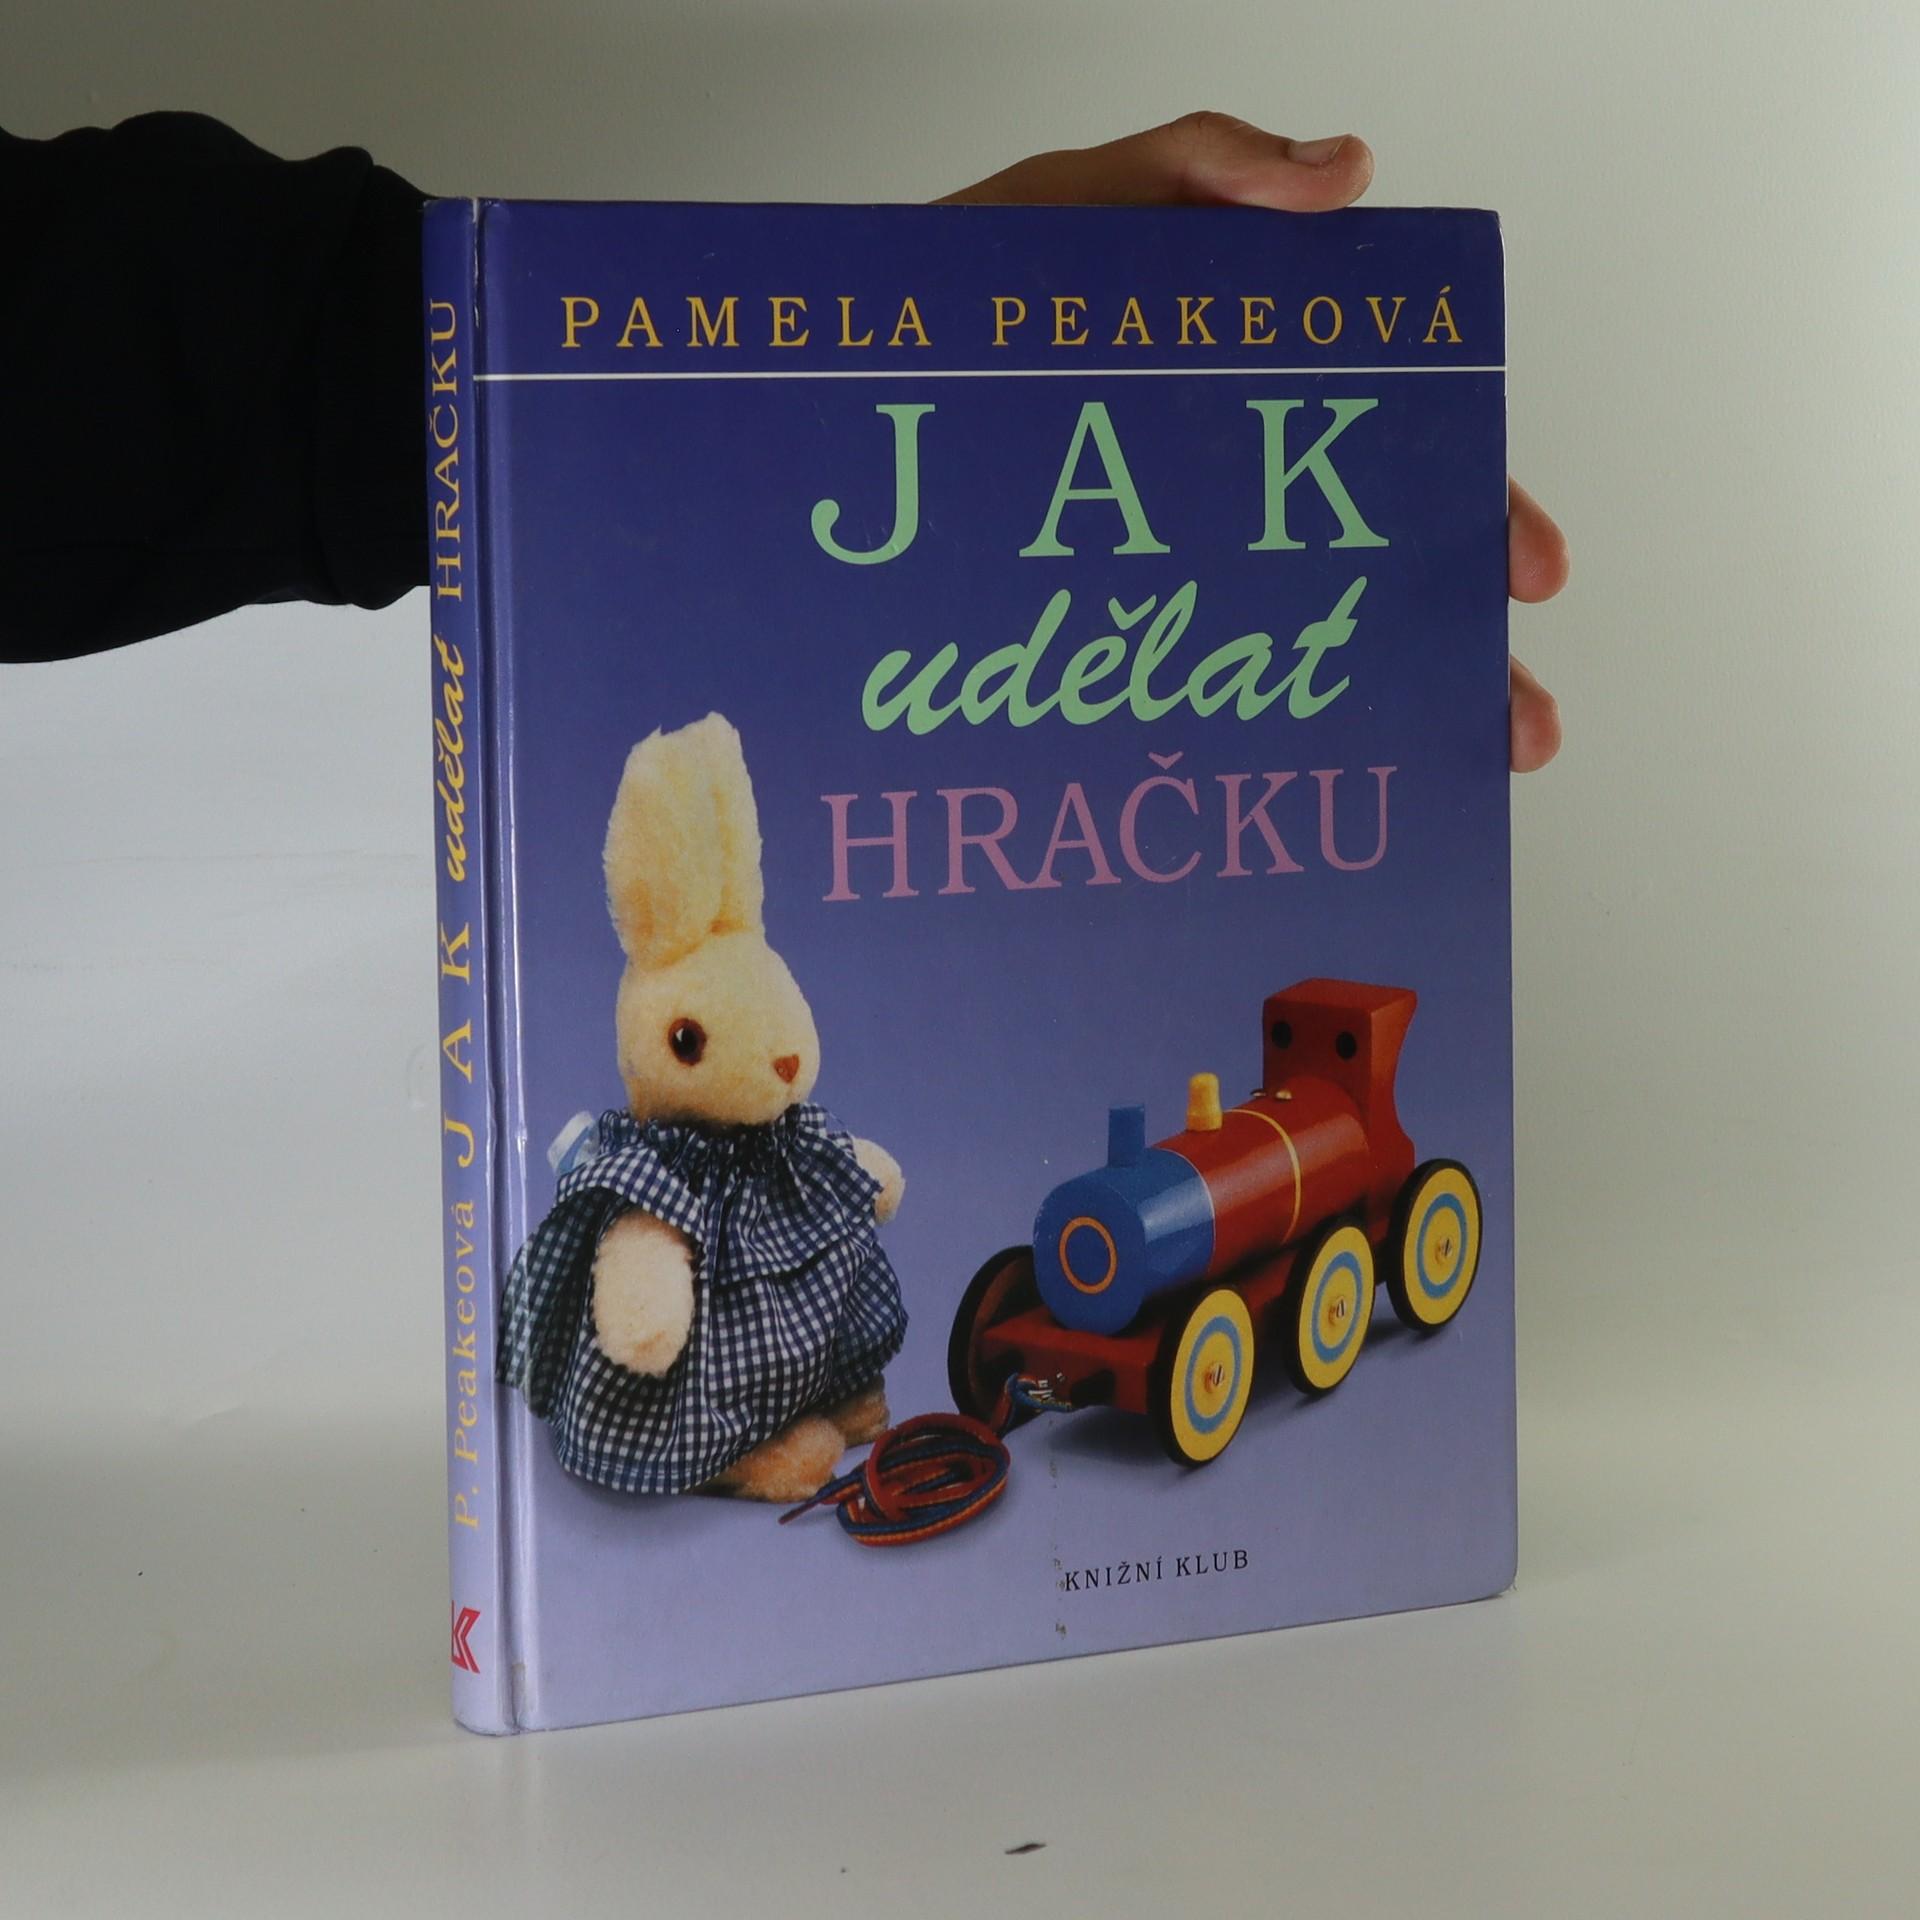 antikvární kniha Jak udělat hračku, 1993